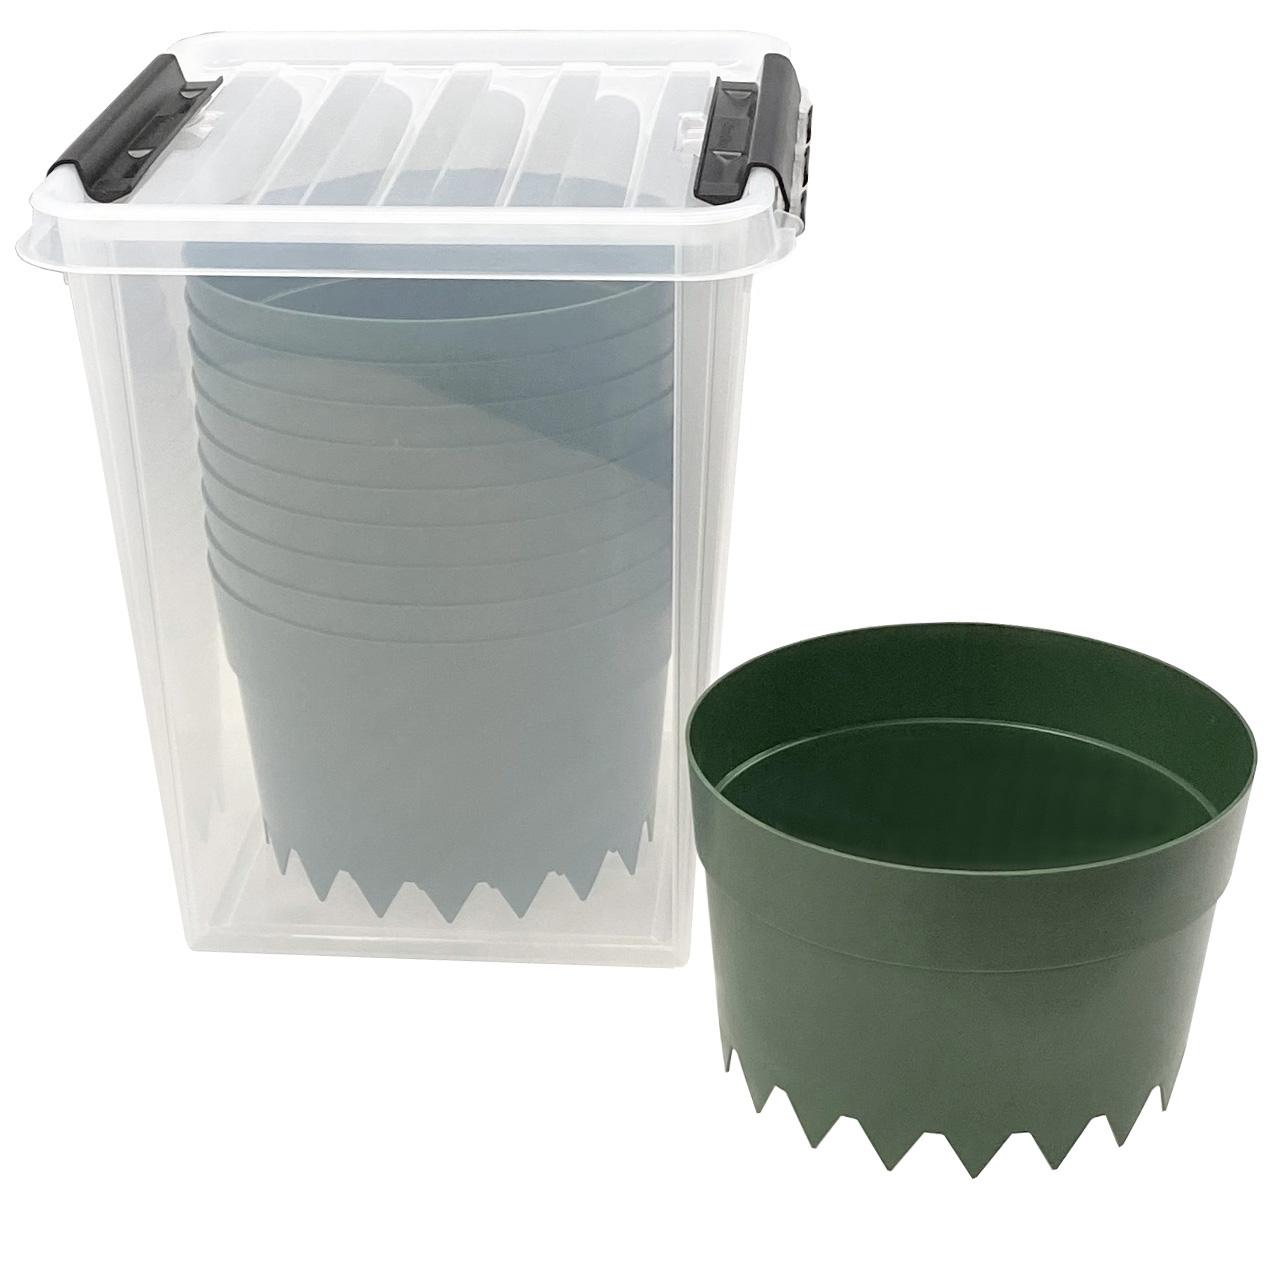 AQUARING 10er-Set, Ø 20 cm GRÜN in Einer praktischen Aufbewahrungsbox